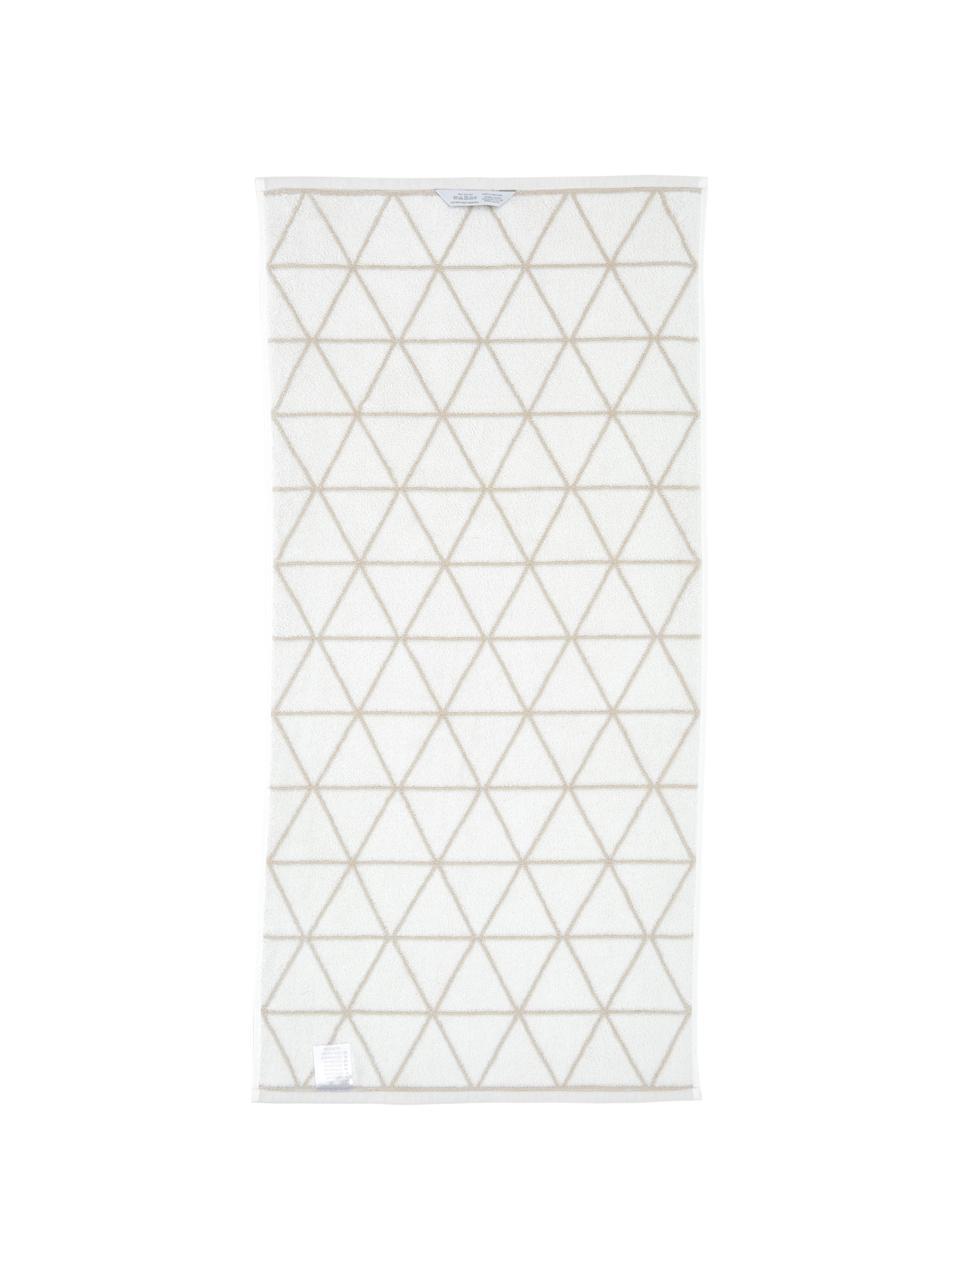 Serviette de toilette réversible en coton pur Elina, Couleur sable, blanc crème